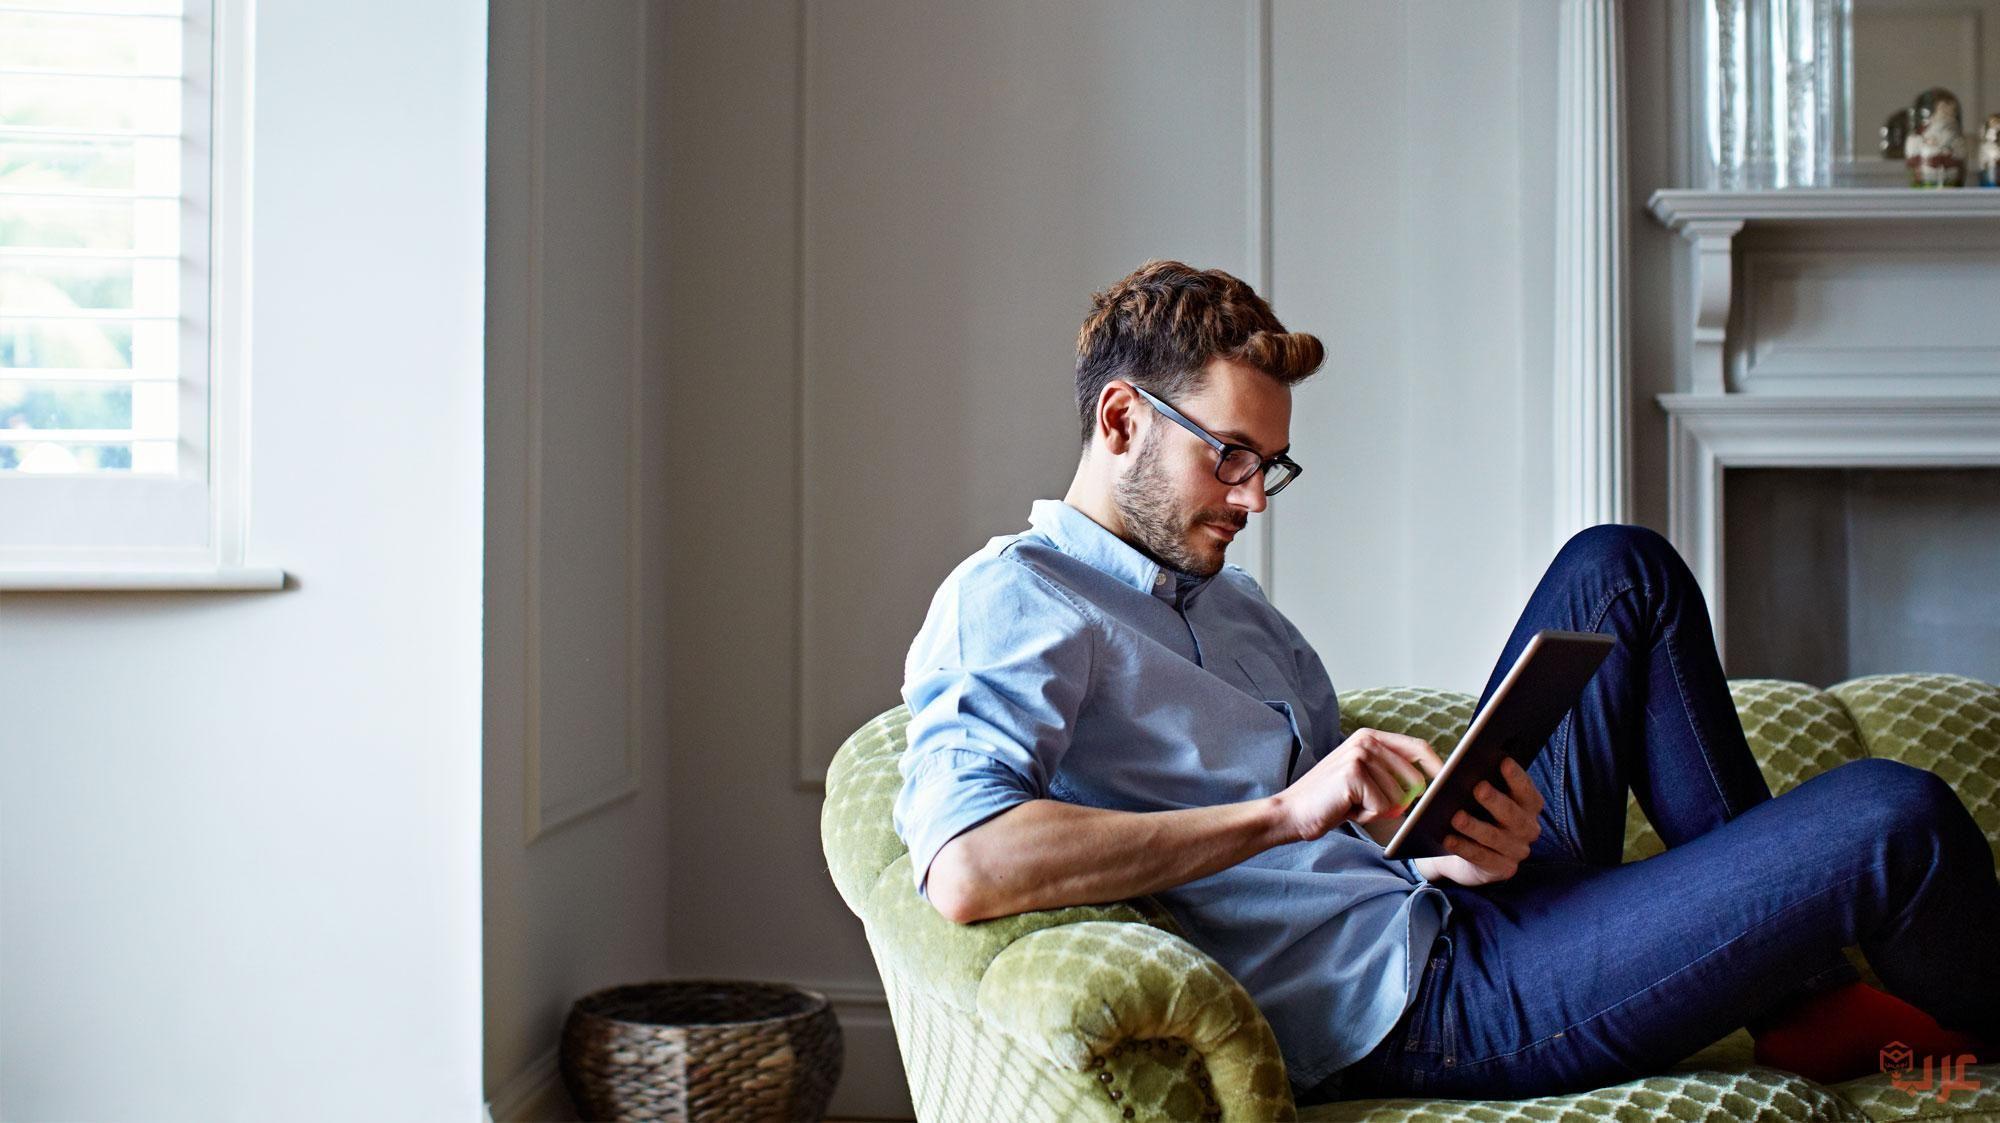 كيف اعرف رقم حسابي من الآيبان وما الفائدة من استخدامه Job Application Interview Tips Employment